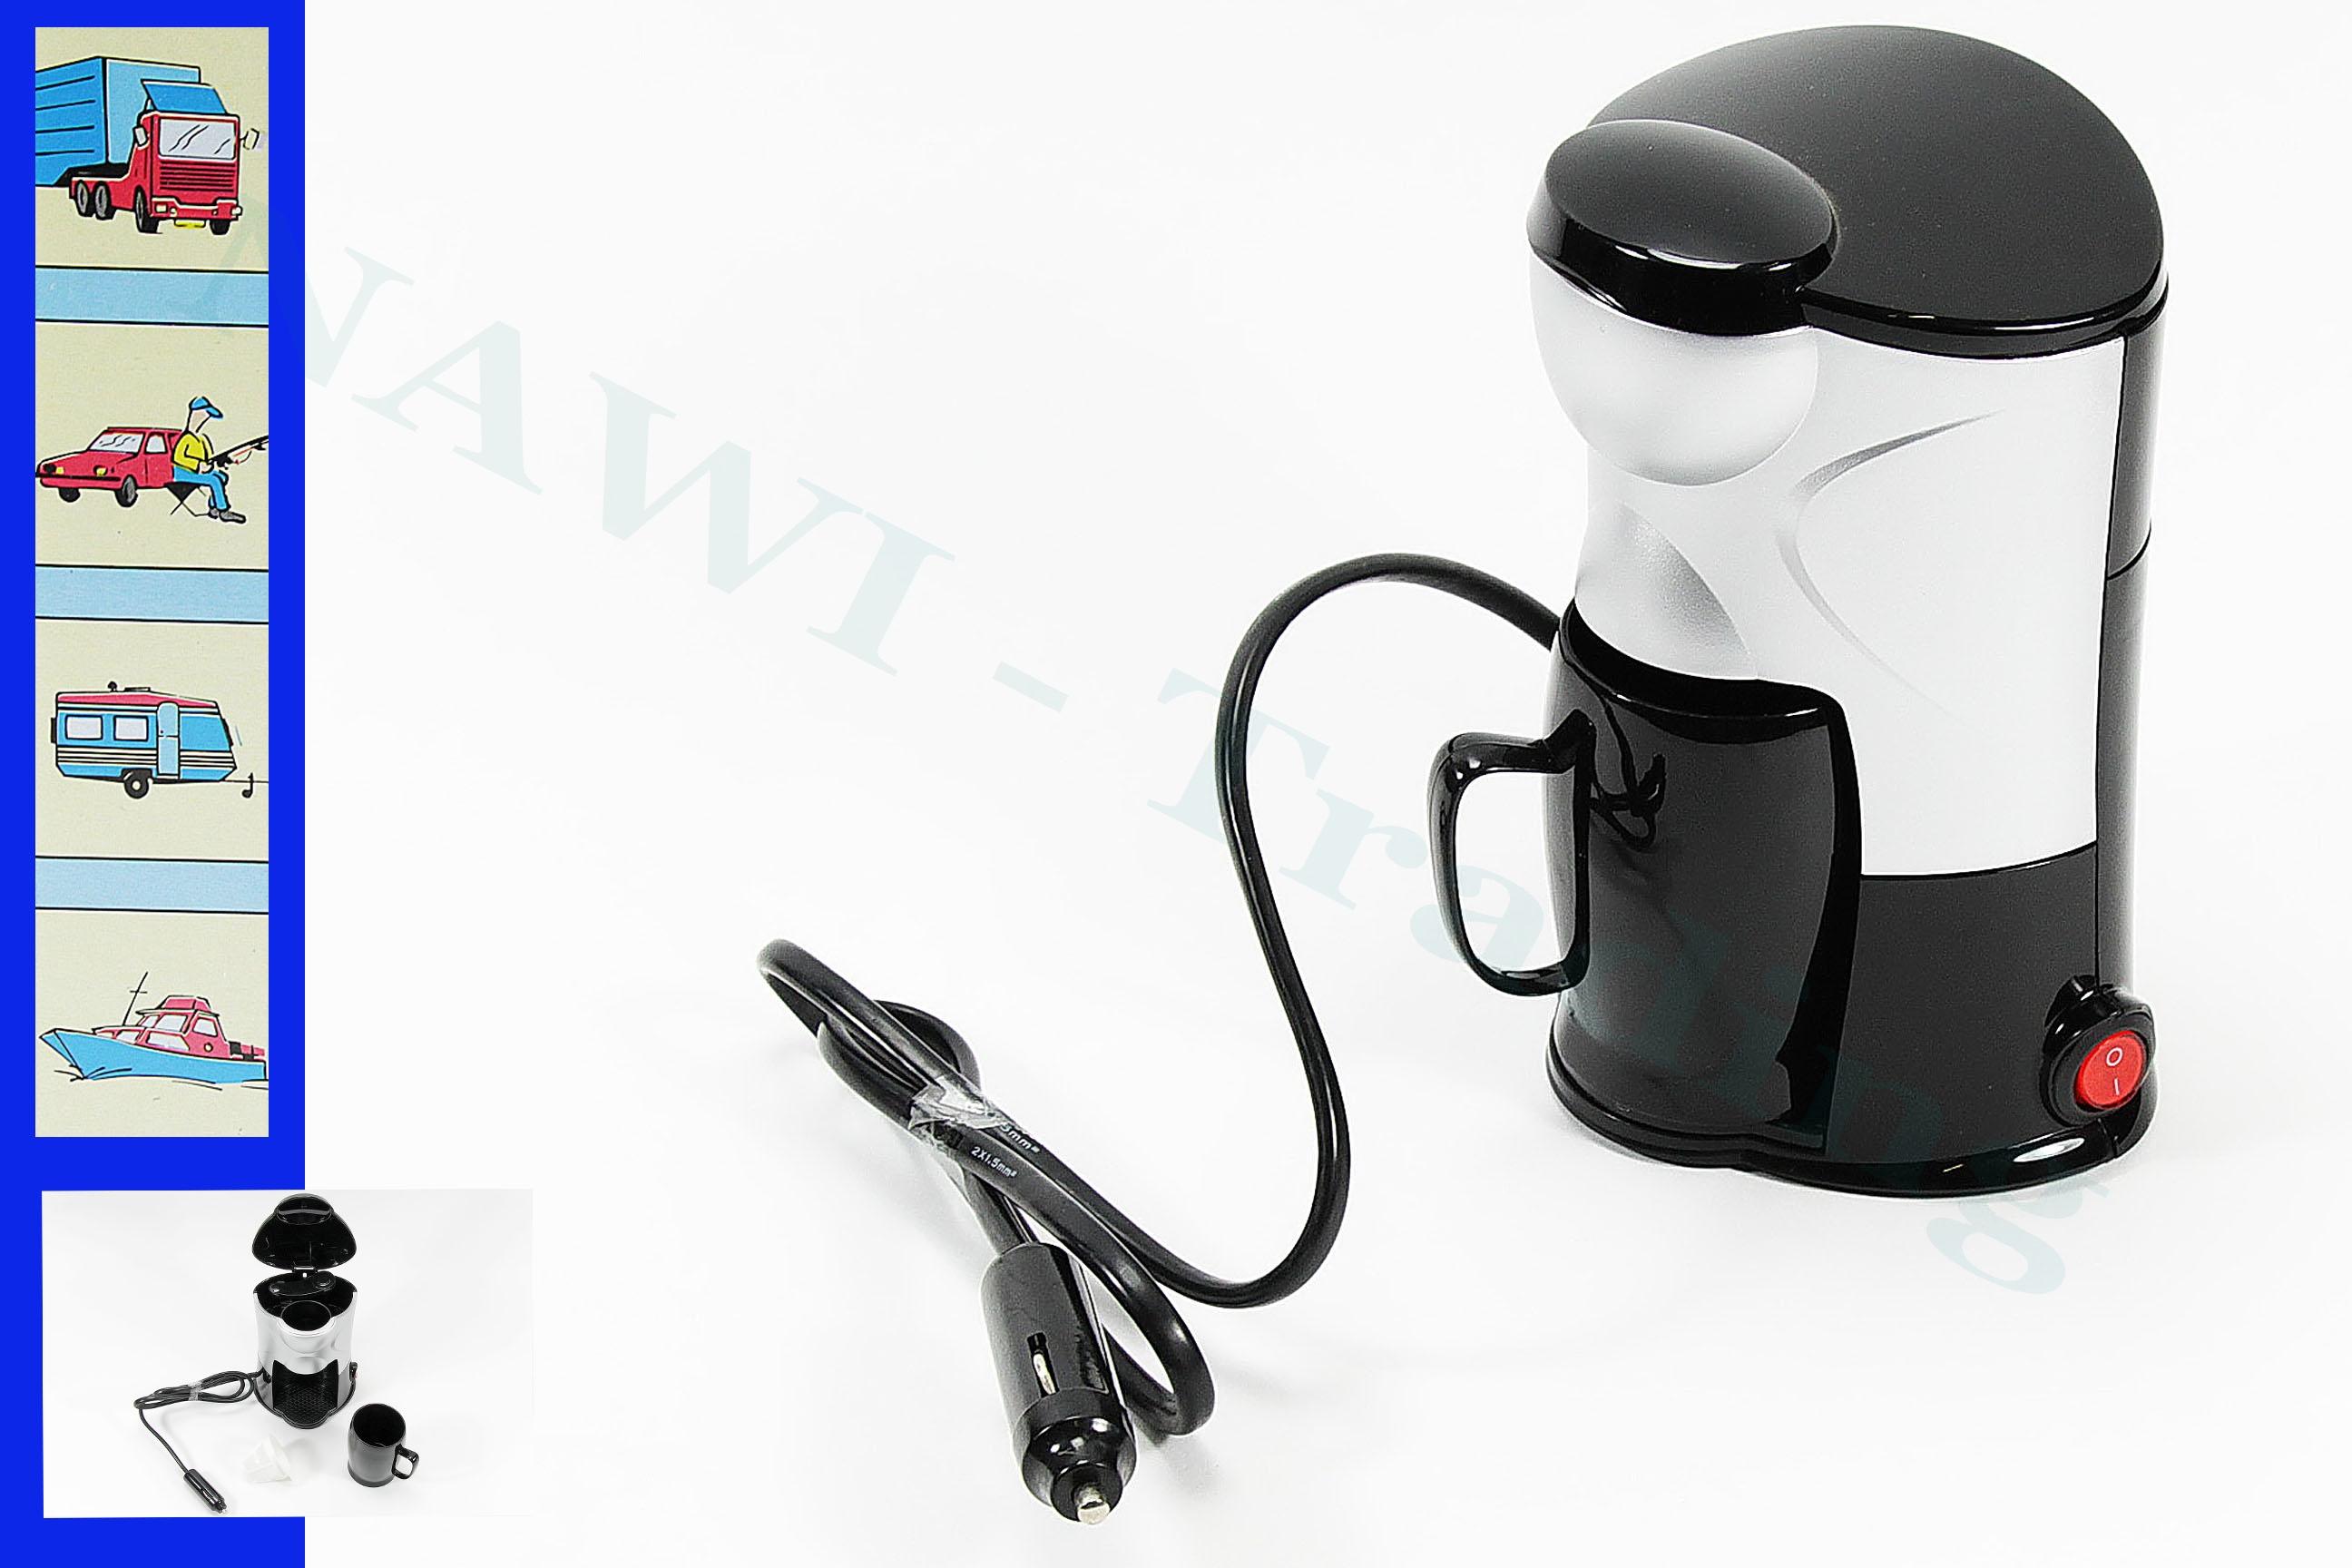 kaffee eine tasse wasserkocher kocher pkw auto  ~ Kaffeemaschine Für Eine Tasse